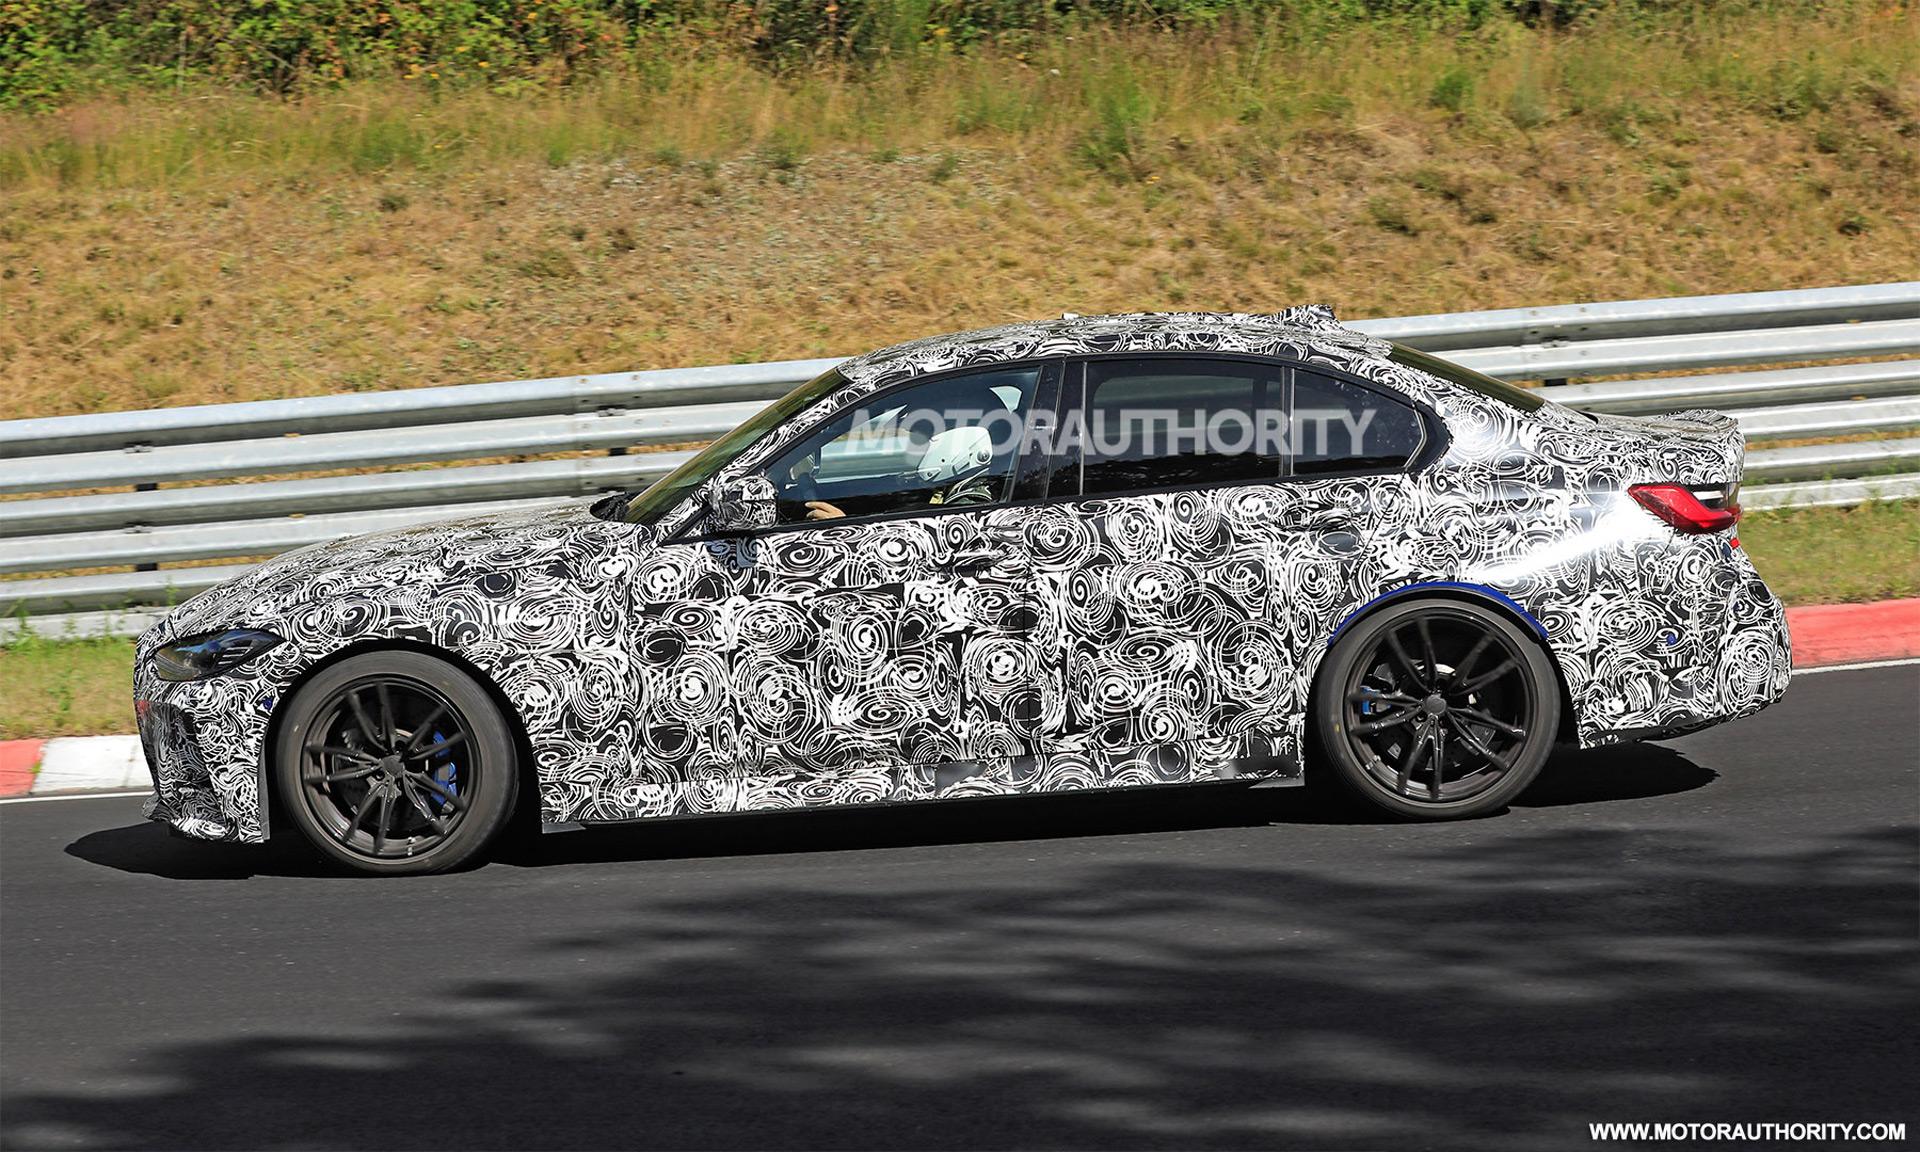 2020 - [BMW] M3/M4 - Page 18 2021-bmw-m3-spy-shots--photo-credit-s-baldauf-sb-medien_100754063_h